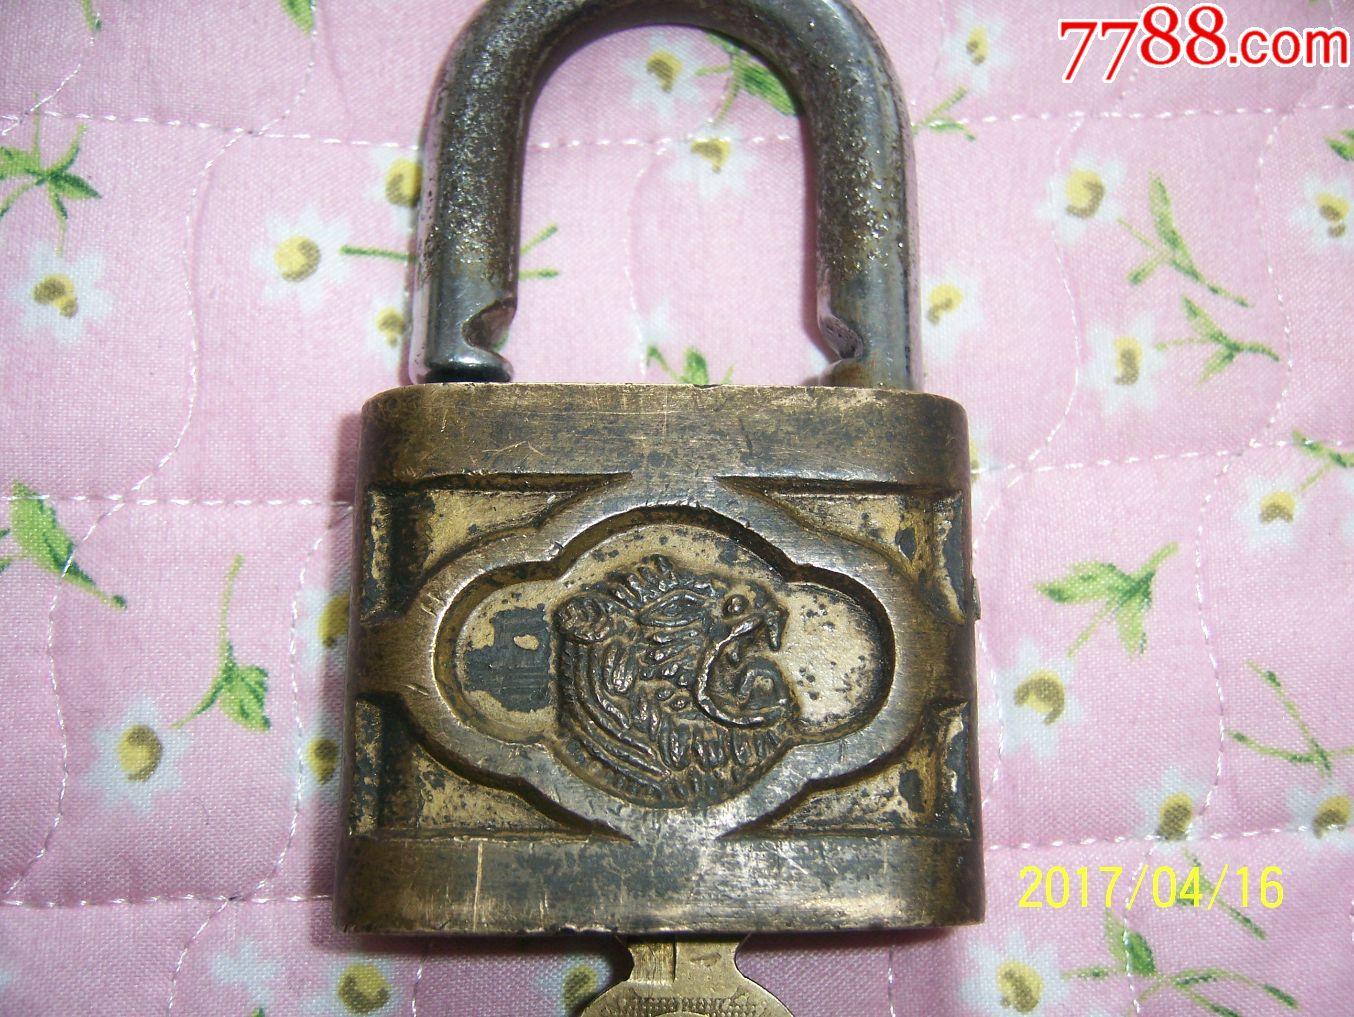 鎏金虎头铜锁(se50467333)_